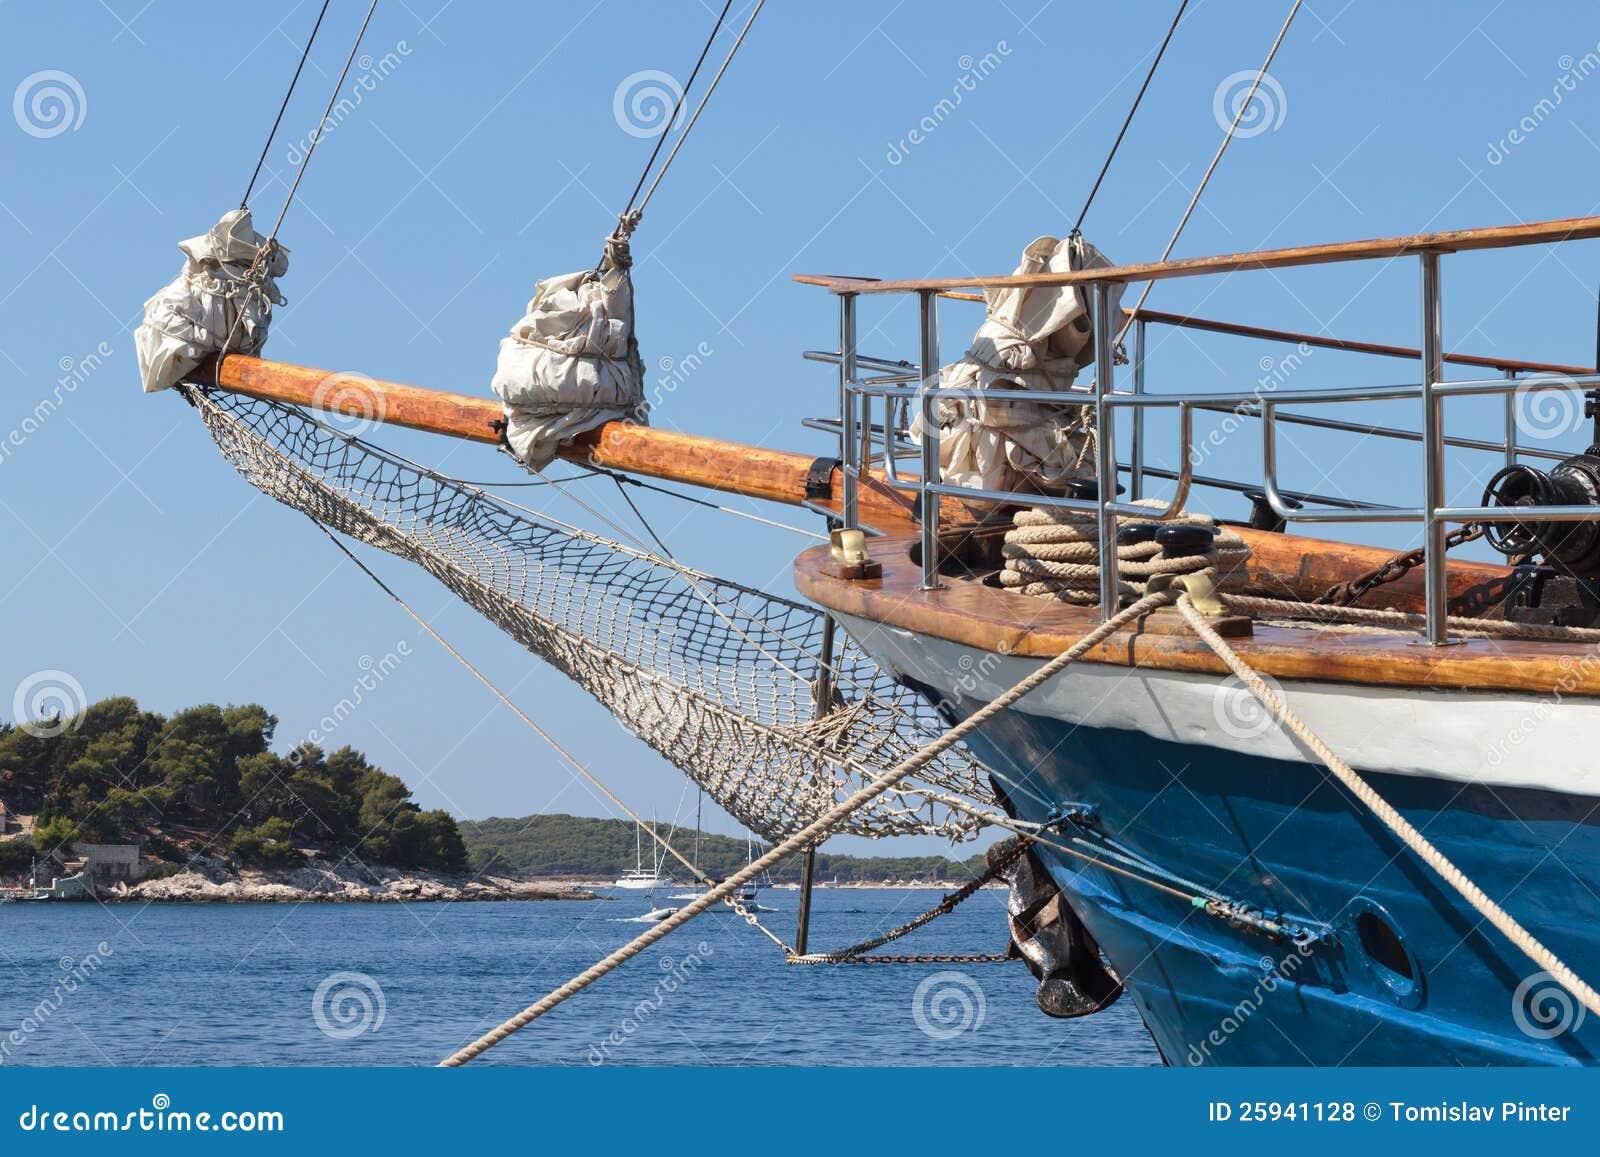 Bateau voile photos libres de droits image 25941128 - Voile bateau pirate ...